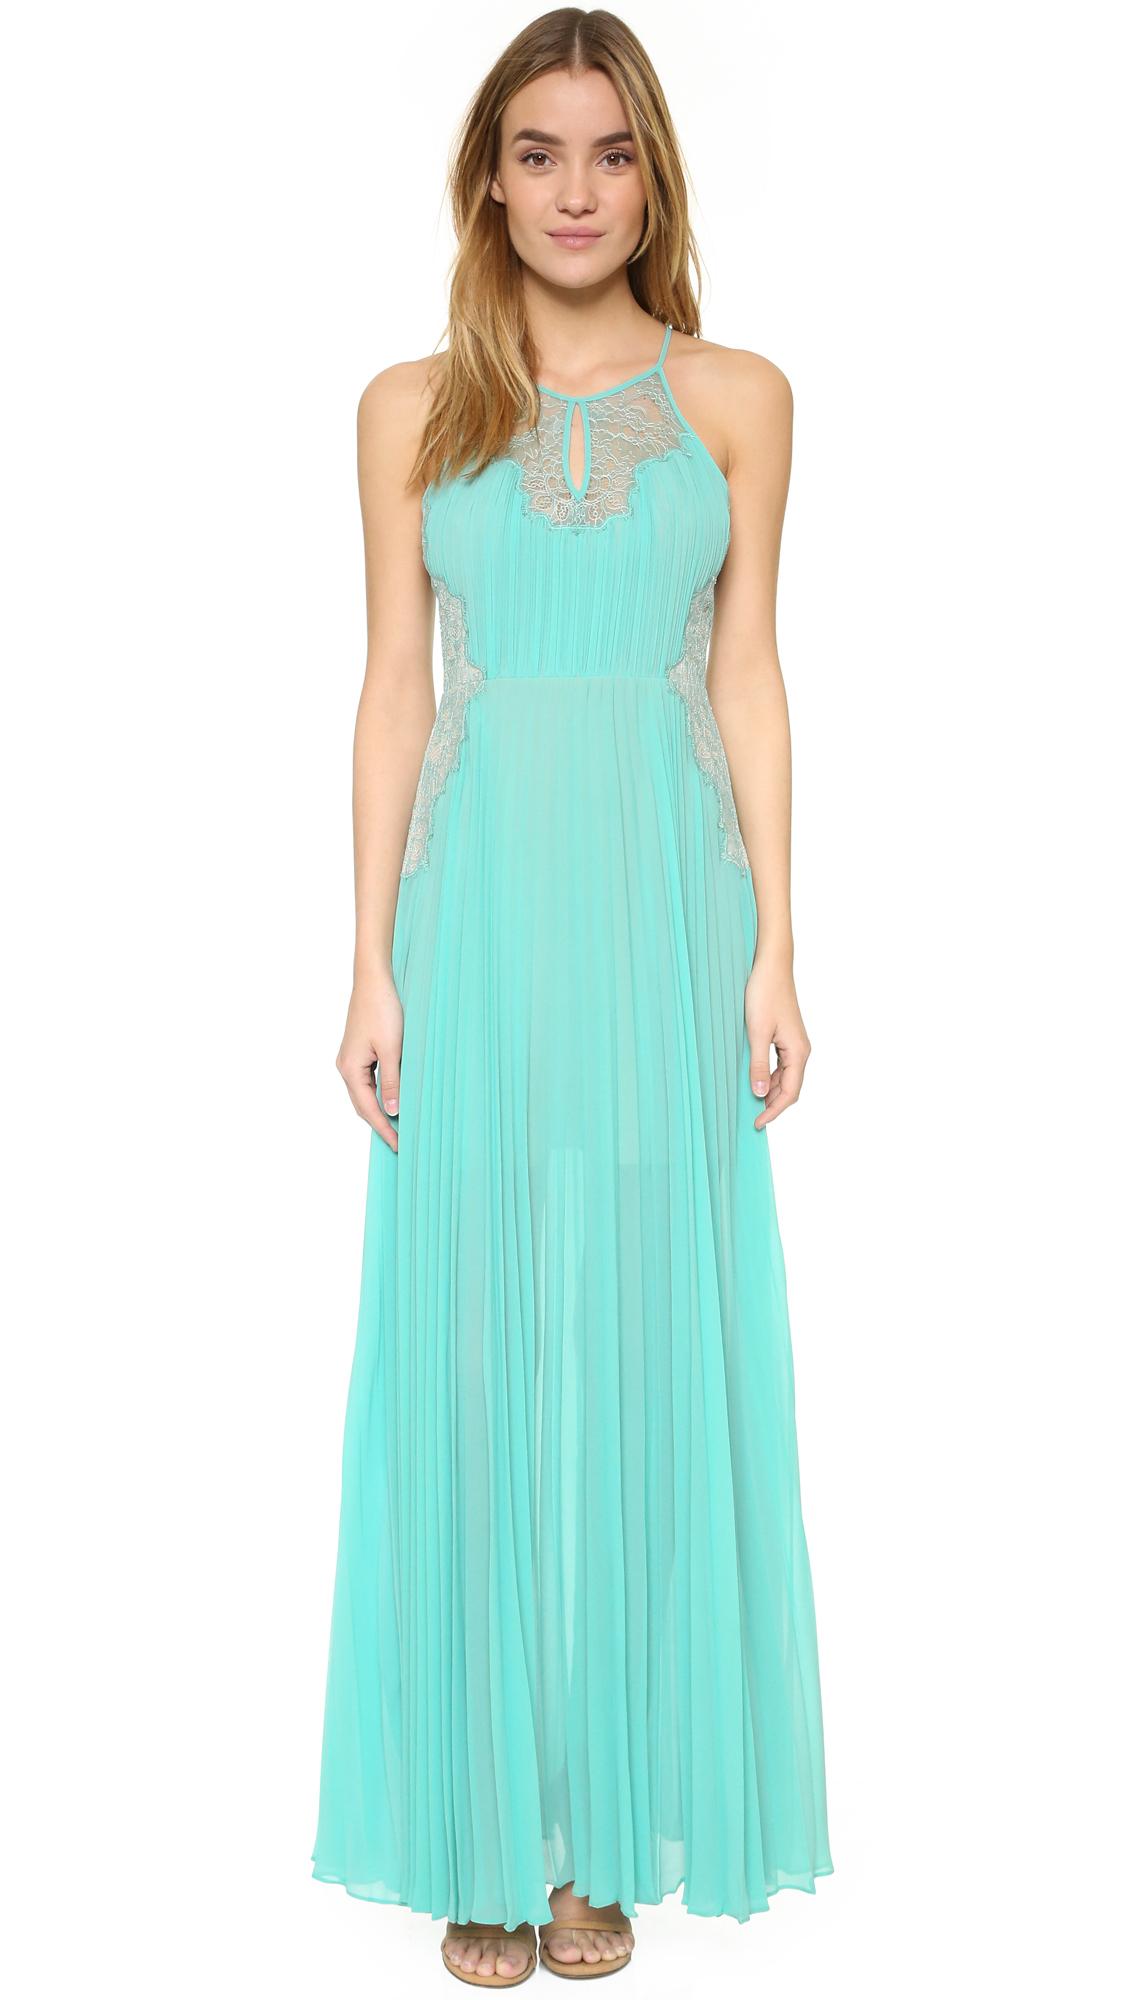 Lyst - Bcbgmaxazria Misty Gown in Blue